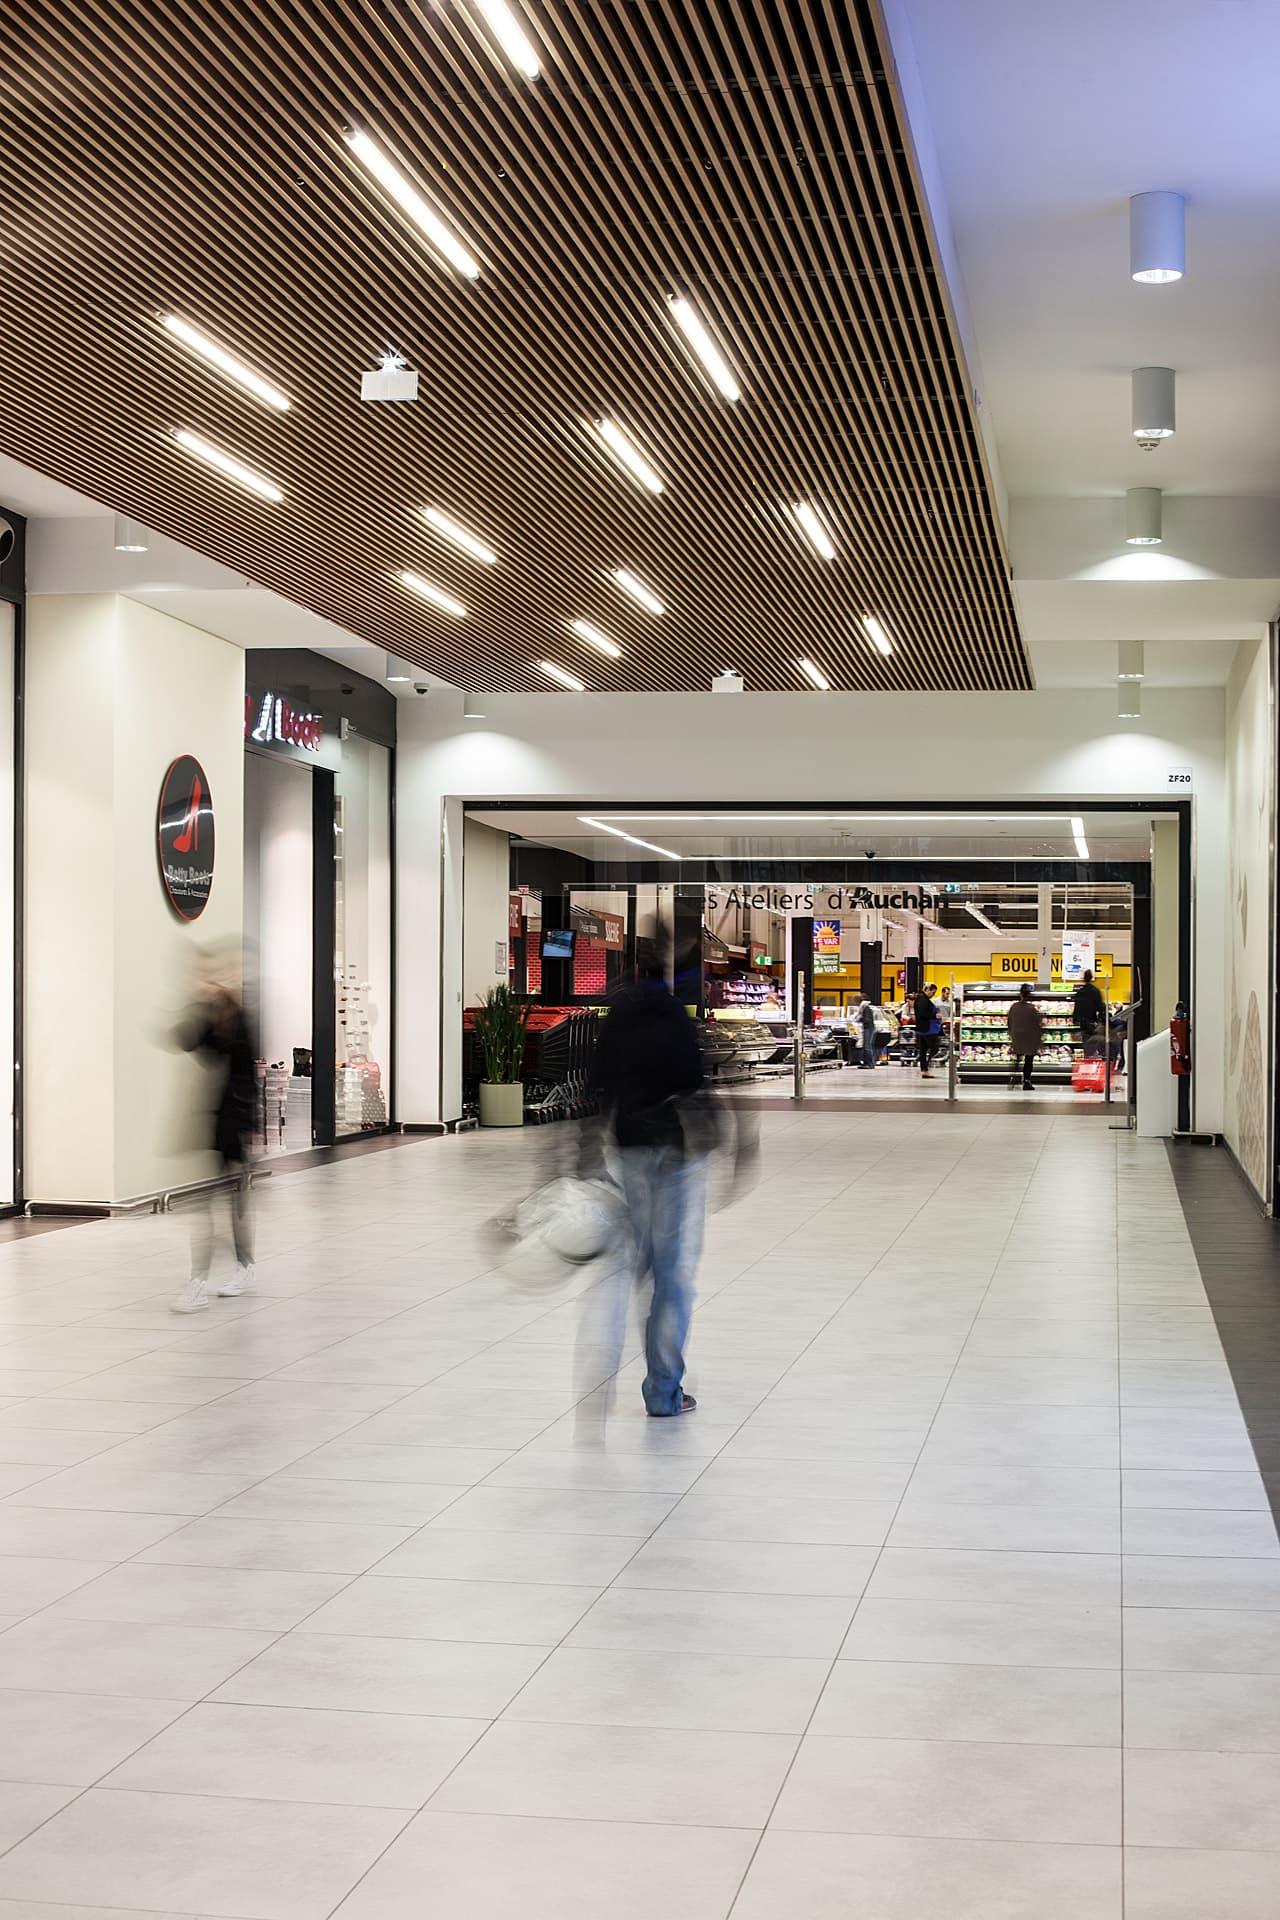 Plafonnier dans une allée dans le centre commerciale Auchan La seyne sur mer